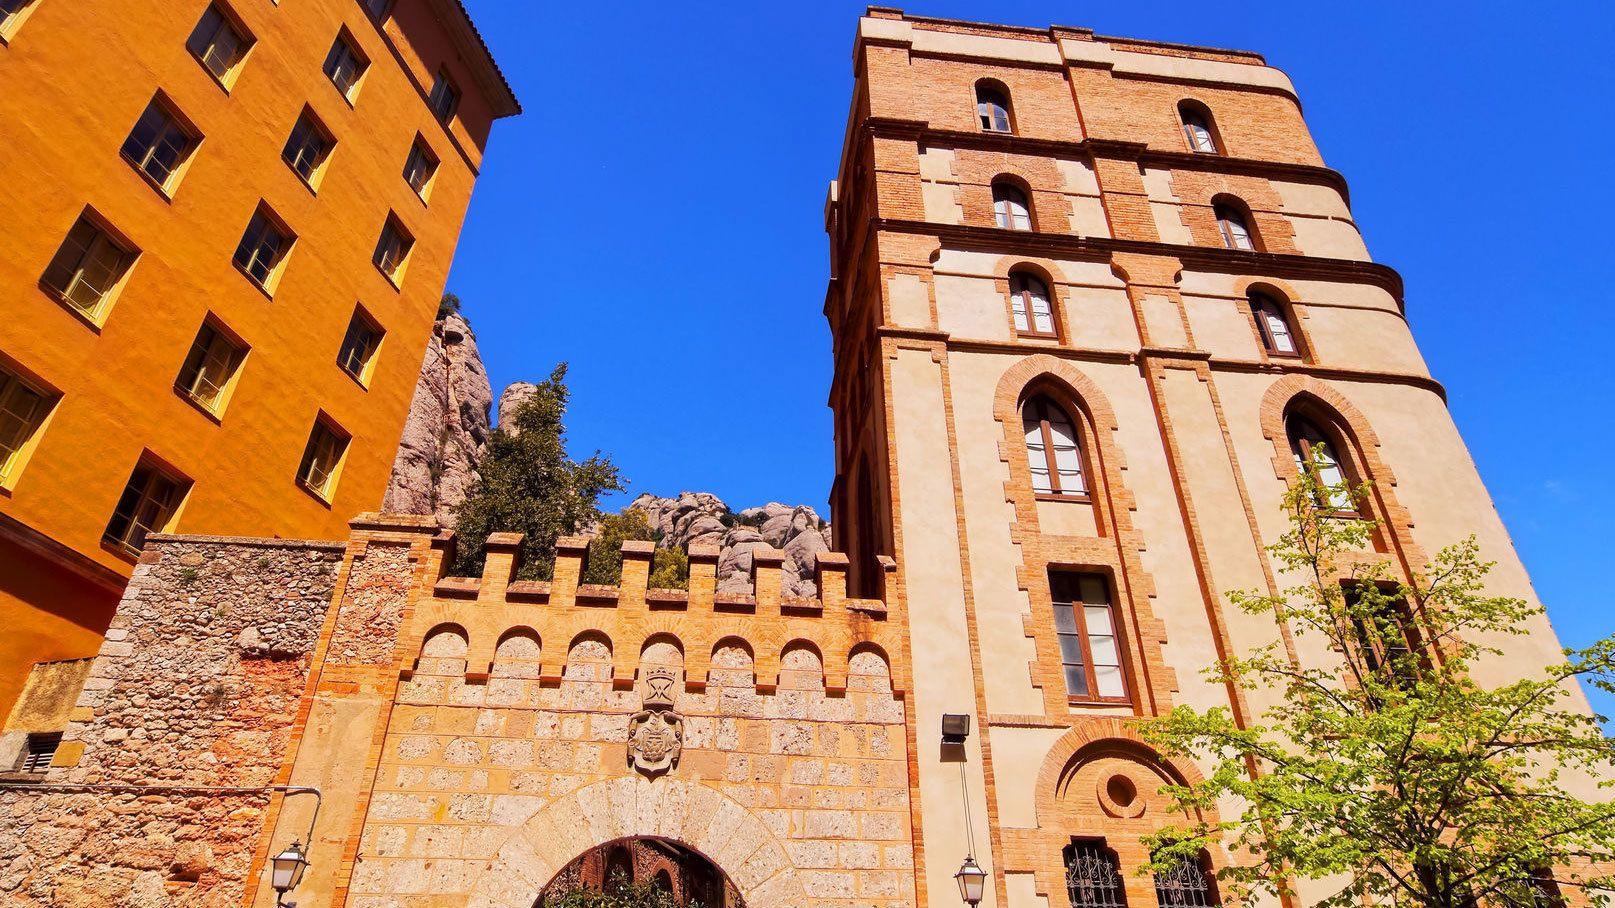 Looking up at monastery at Montserrat